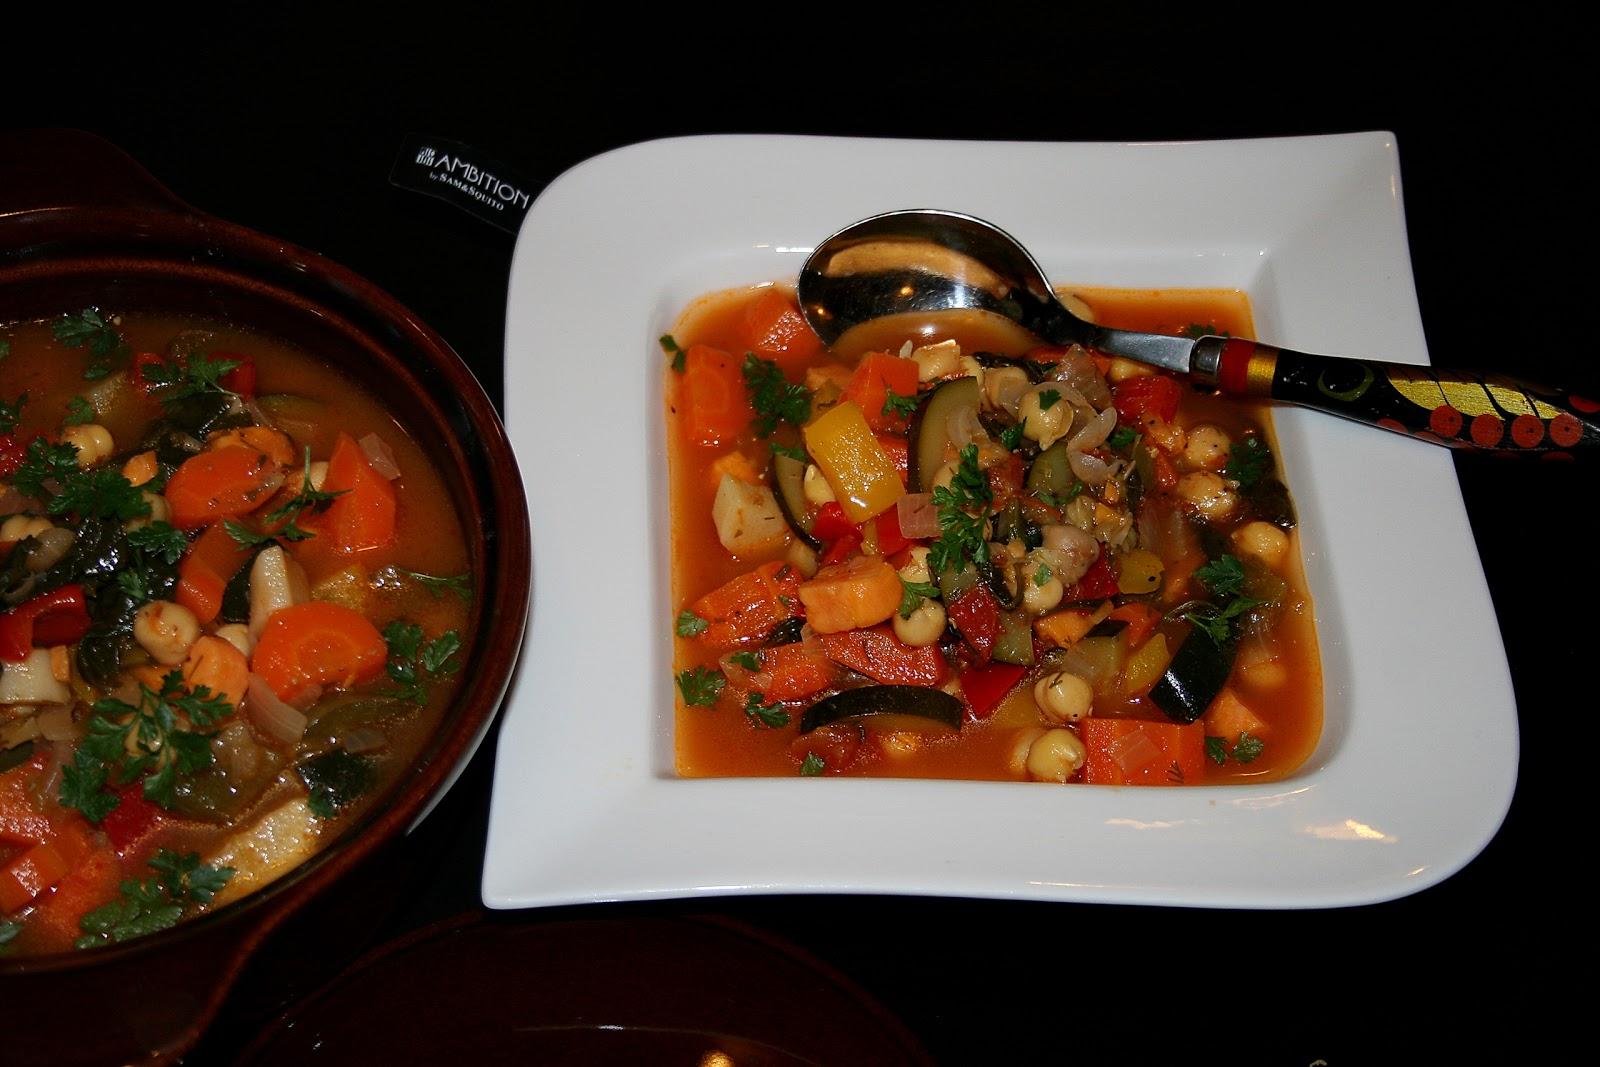 Zupa warzywna kolorowa, smaczna, zdrowa